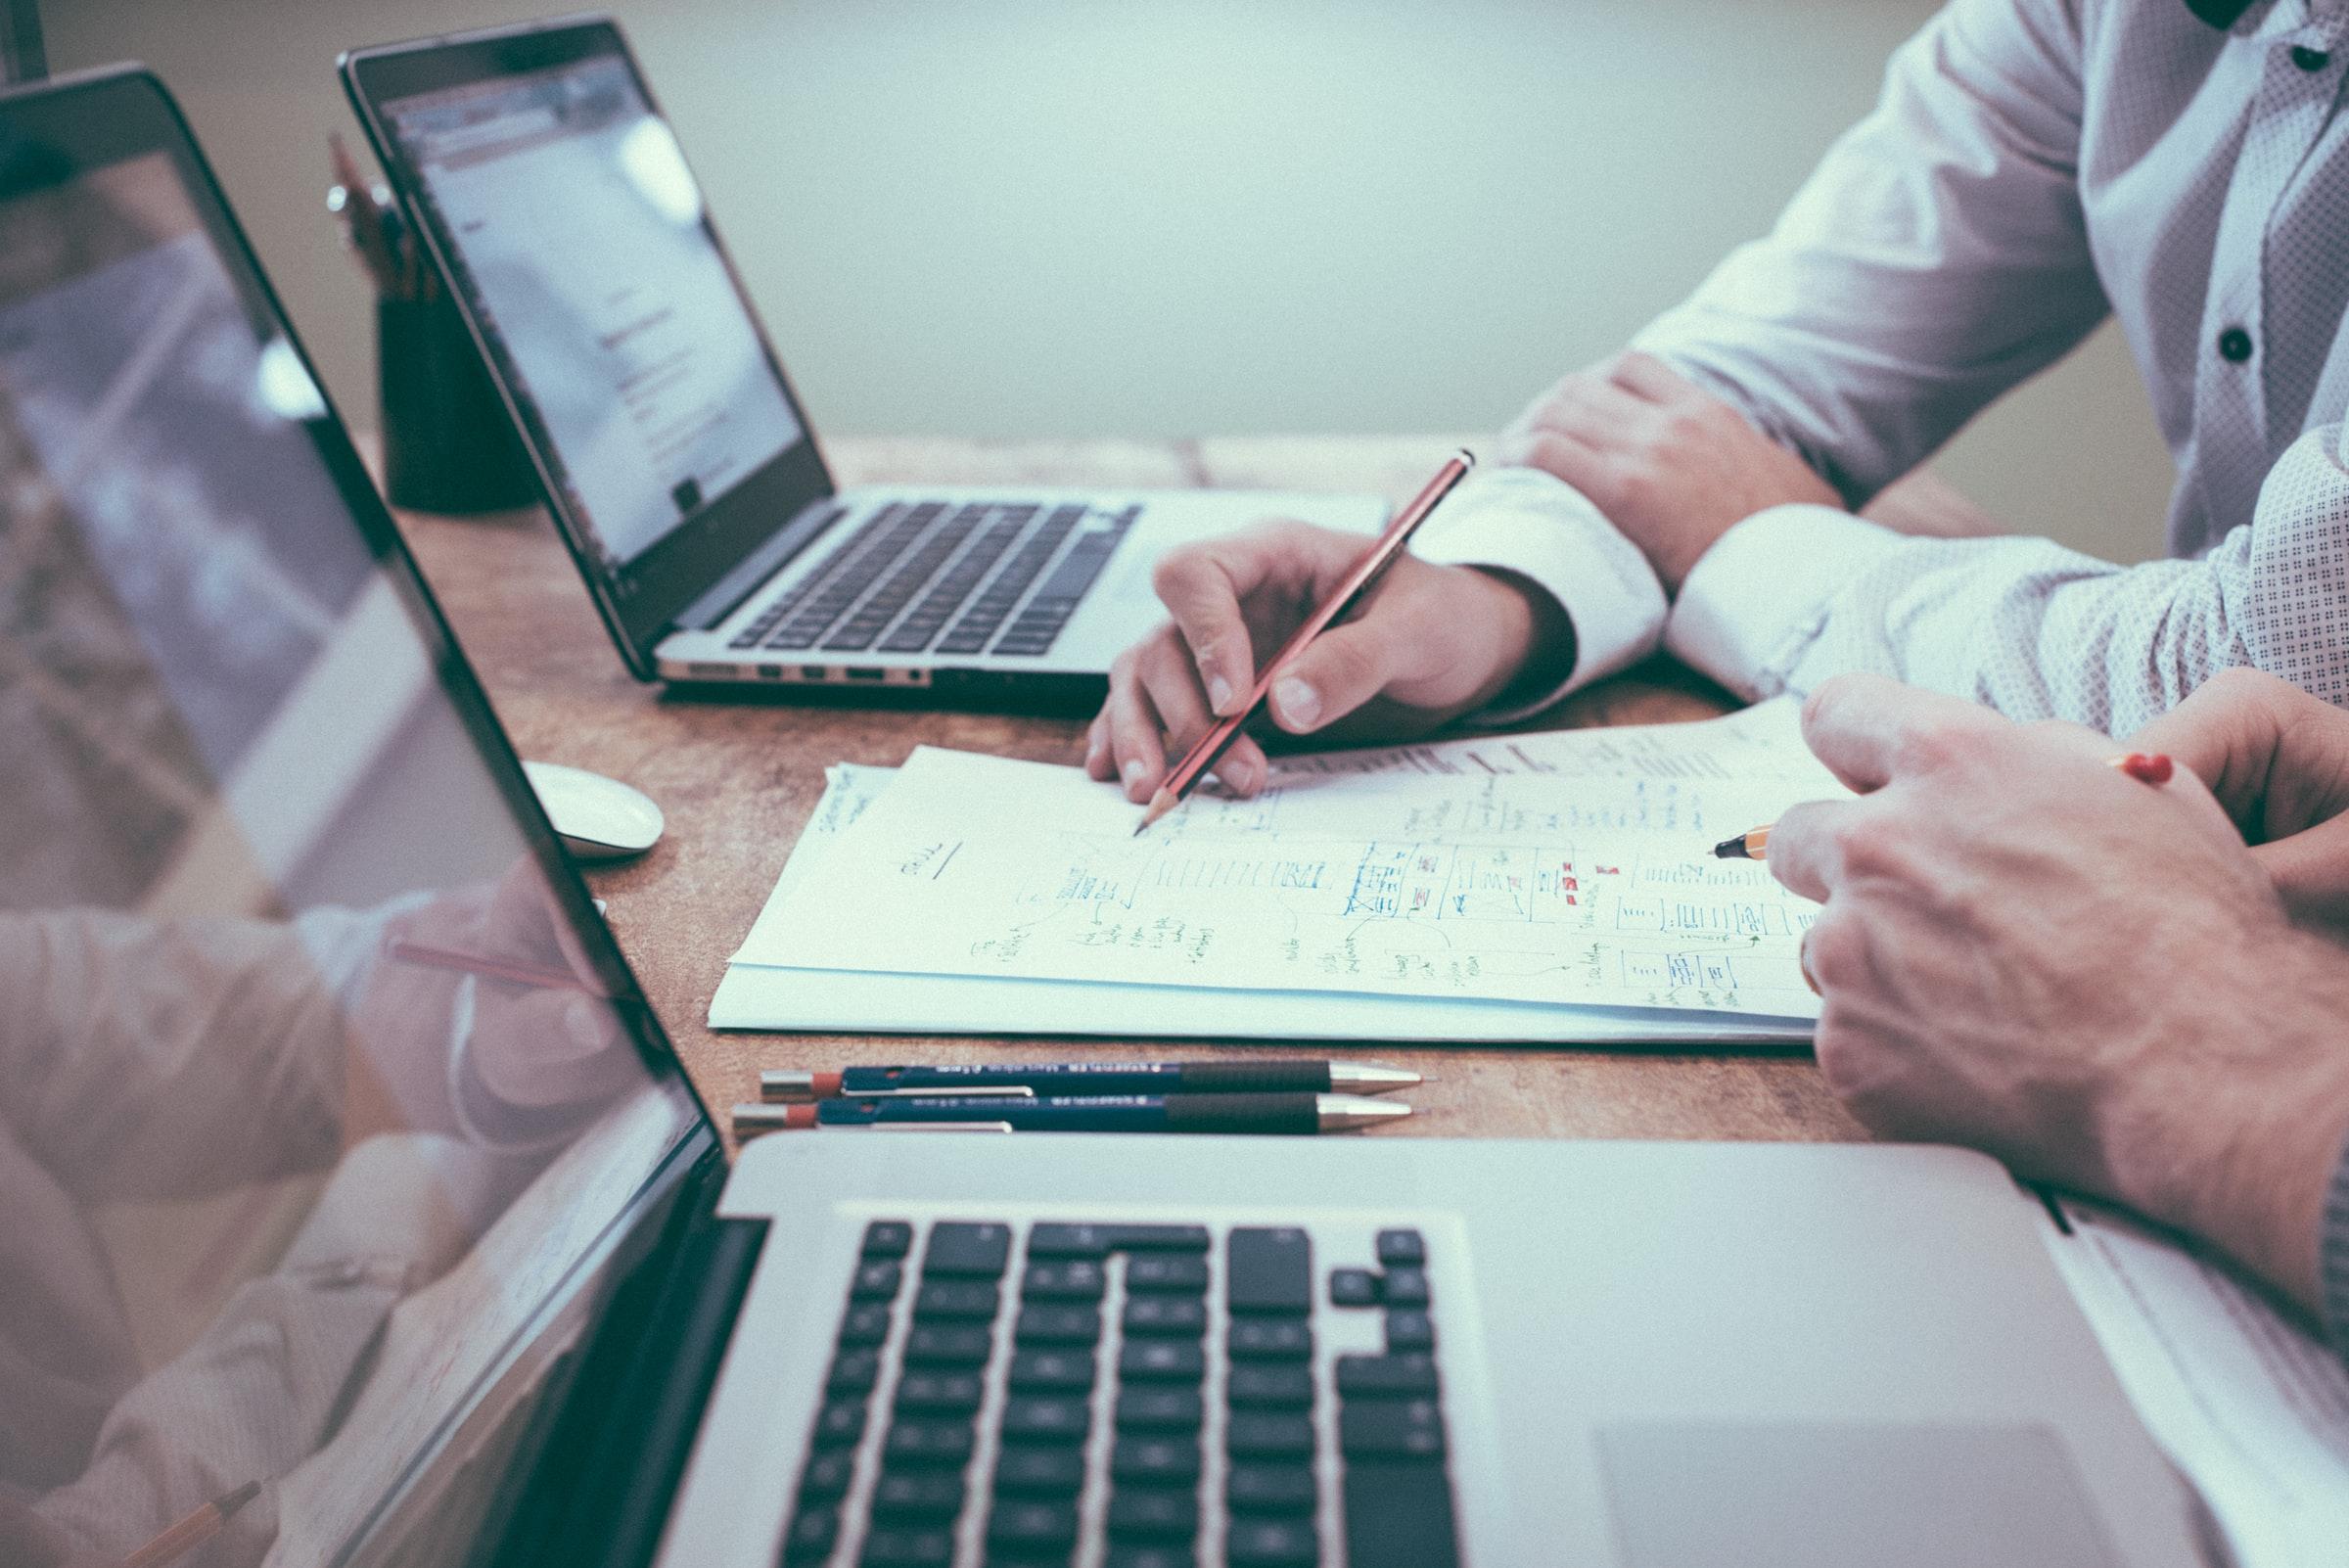 Azienda di Consulenza e sviluppo software gestionali nelle Marche consulenza Software gestionale